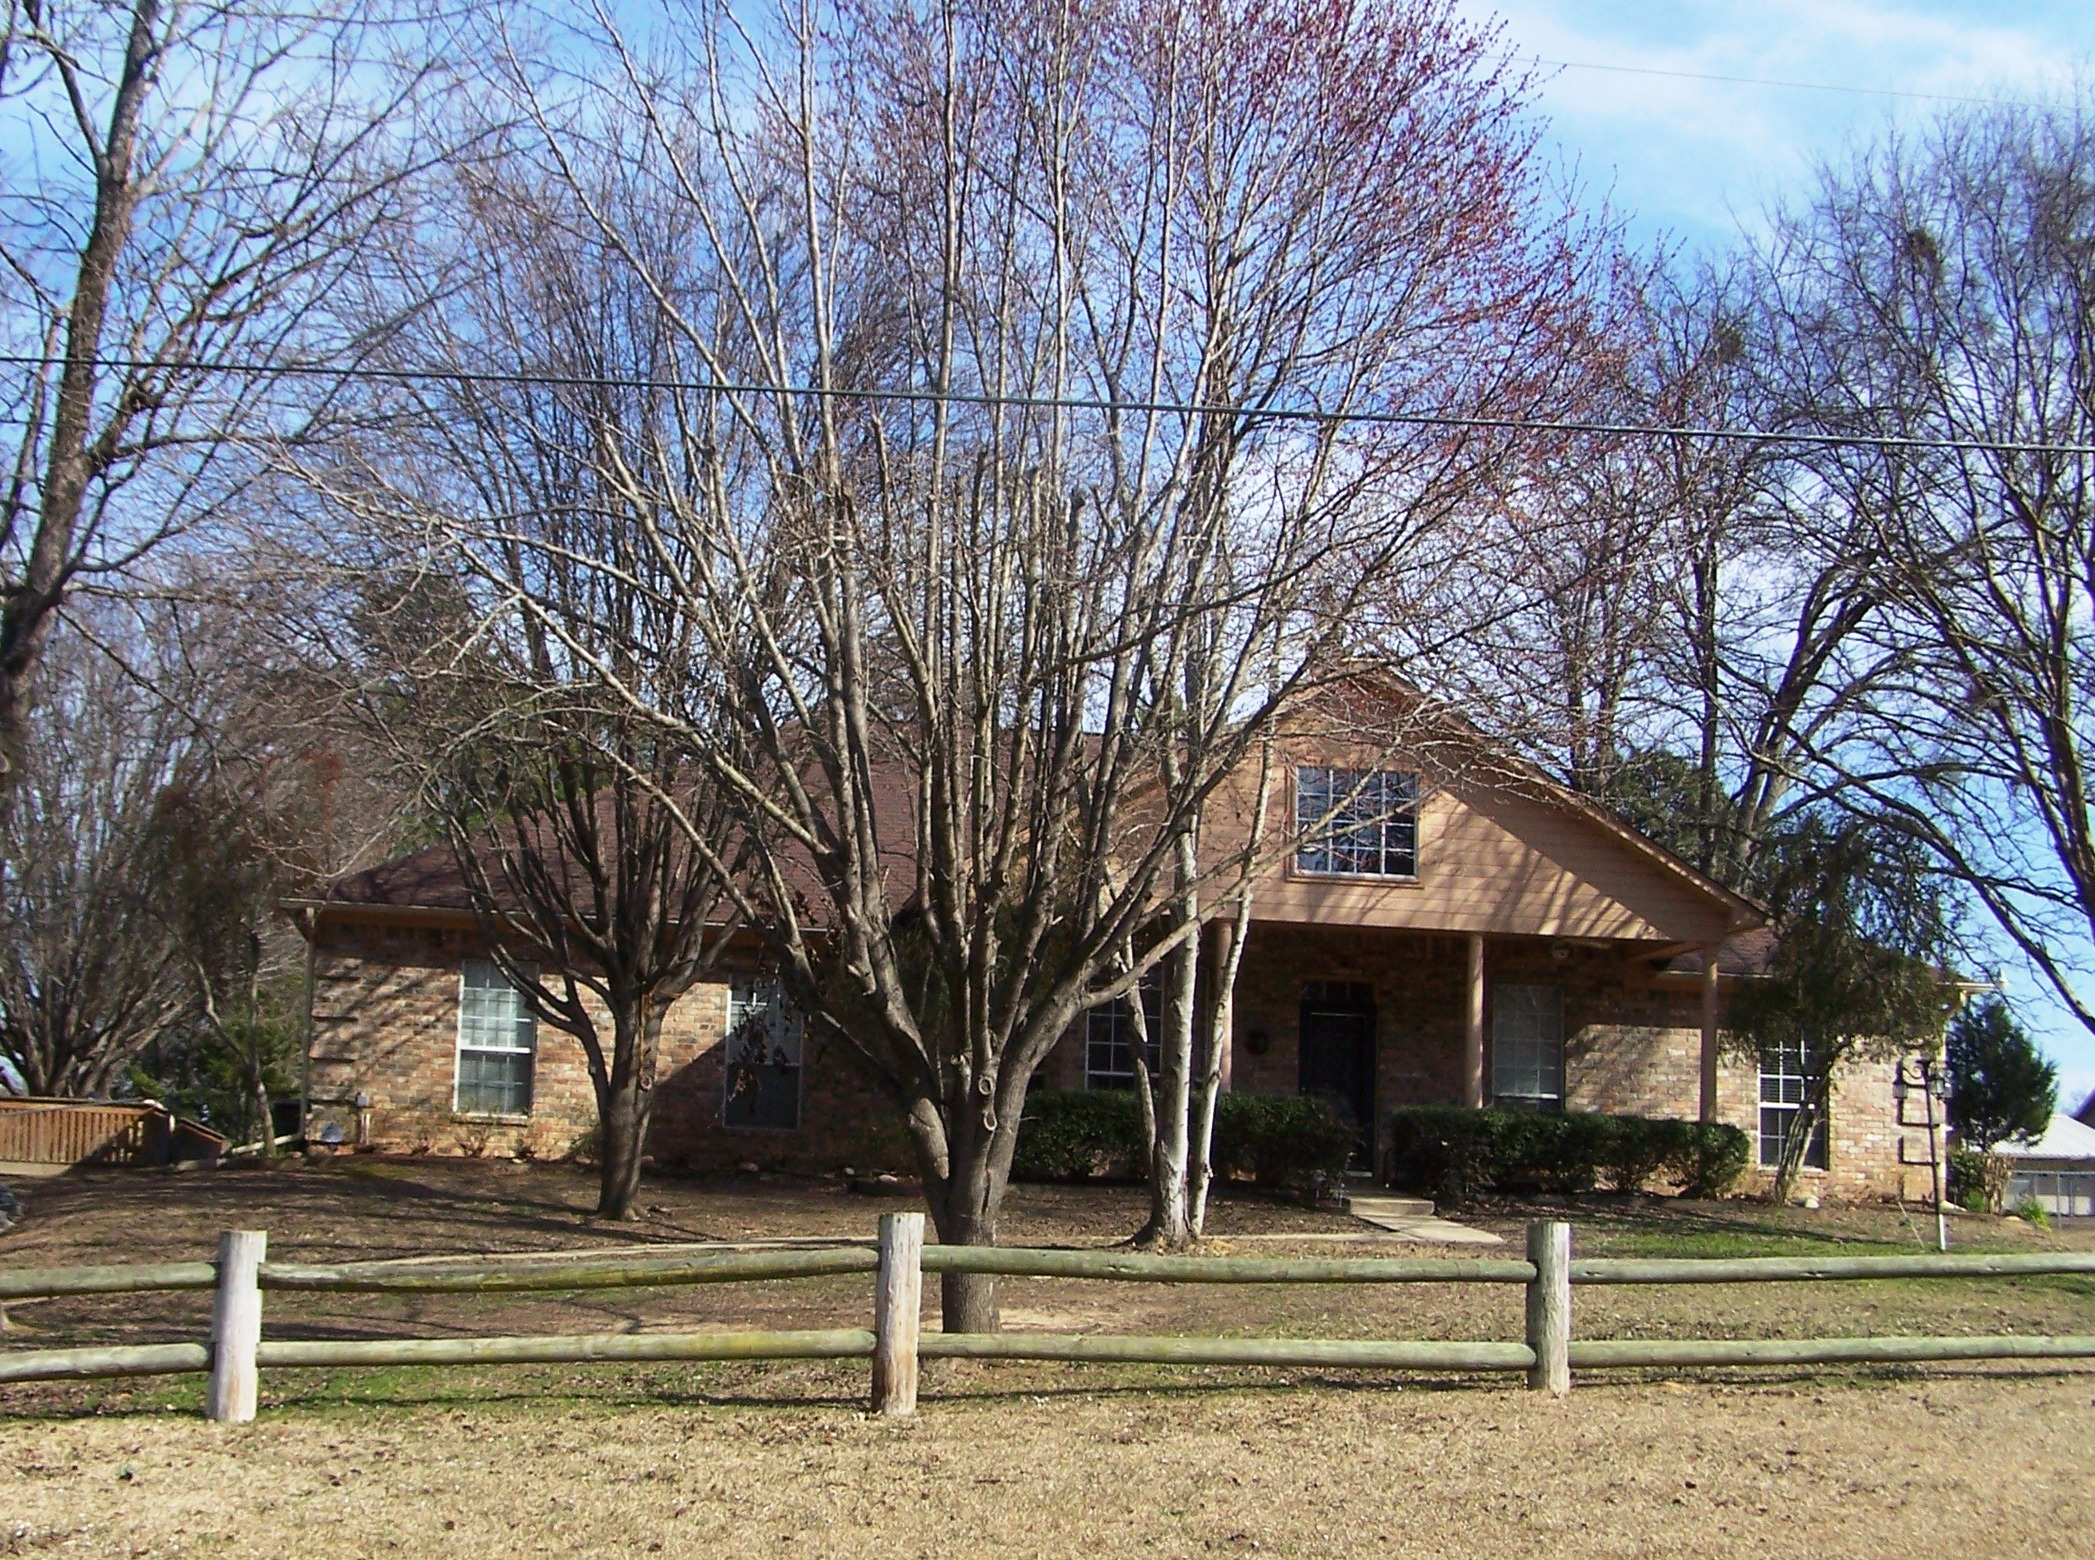 6930 Sanderson Ln., Texarkana, Arkansas 71854